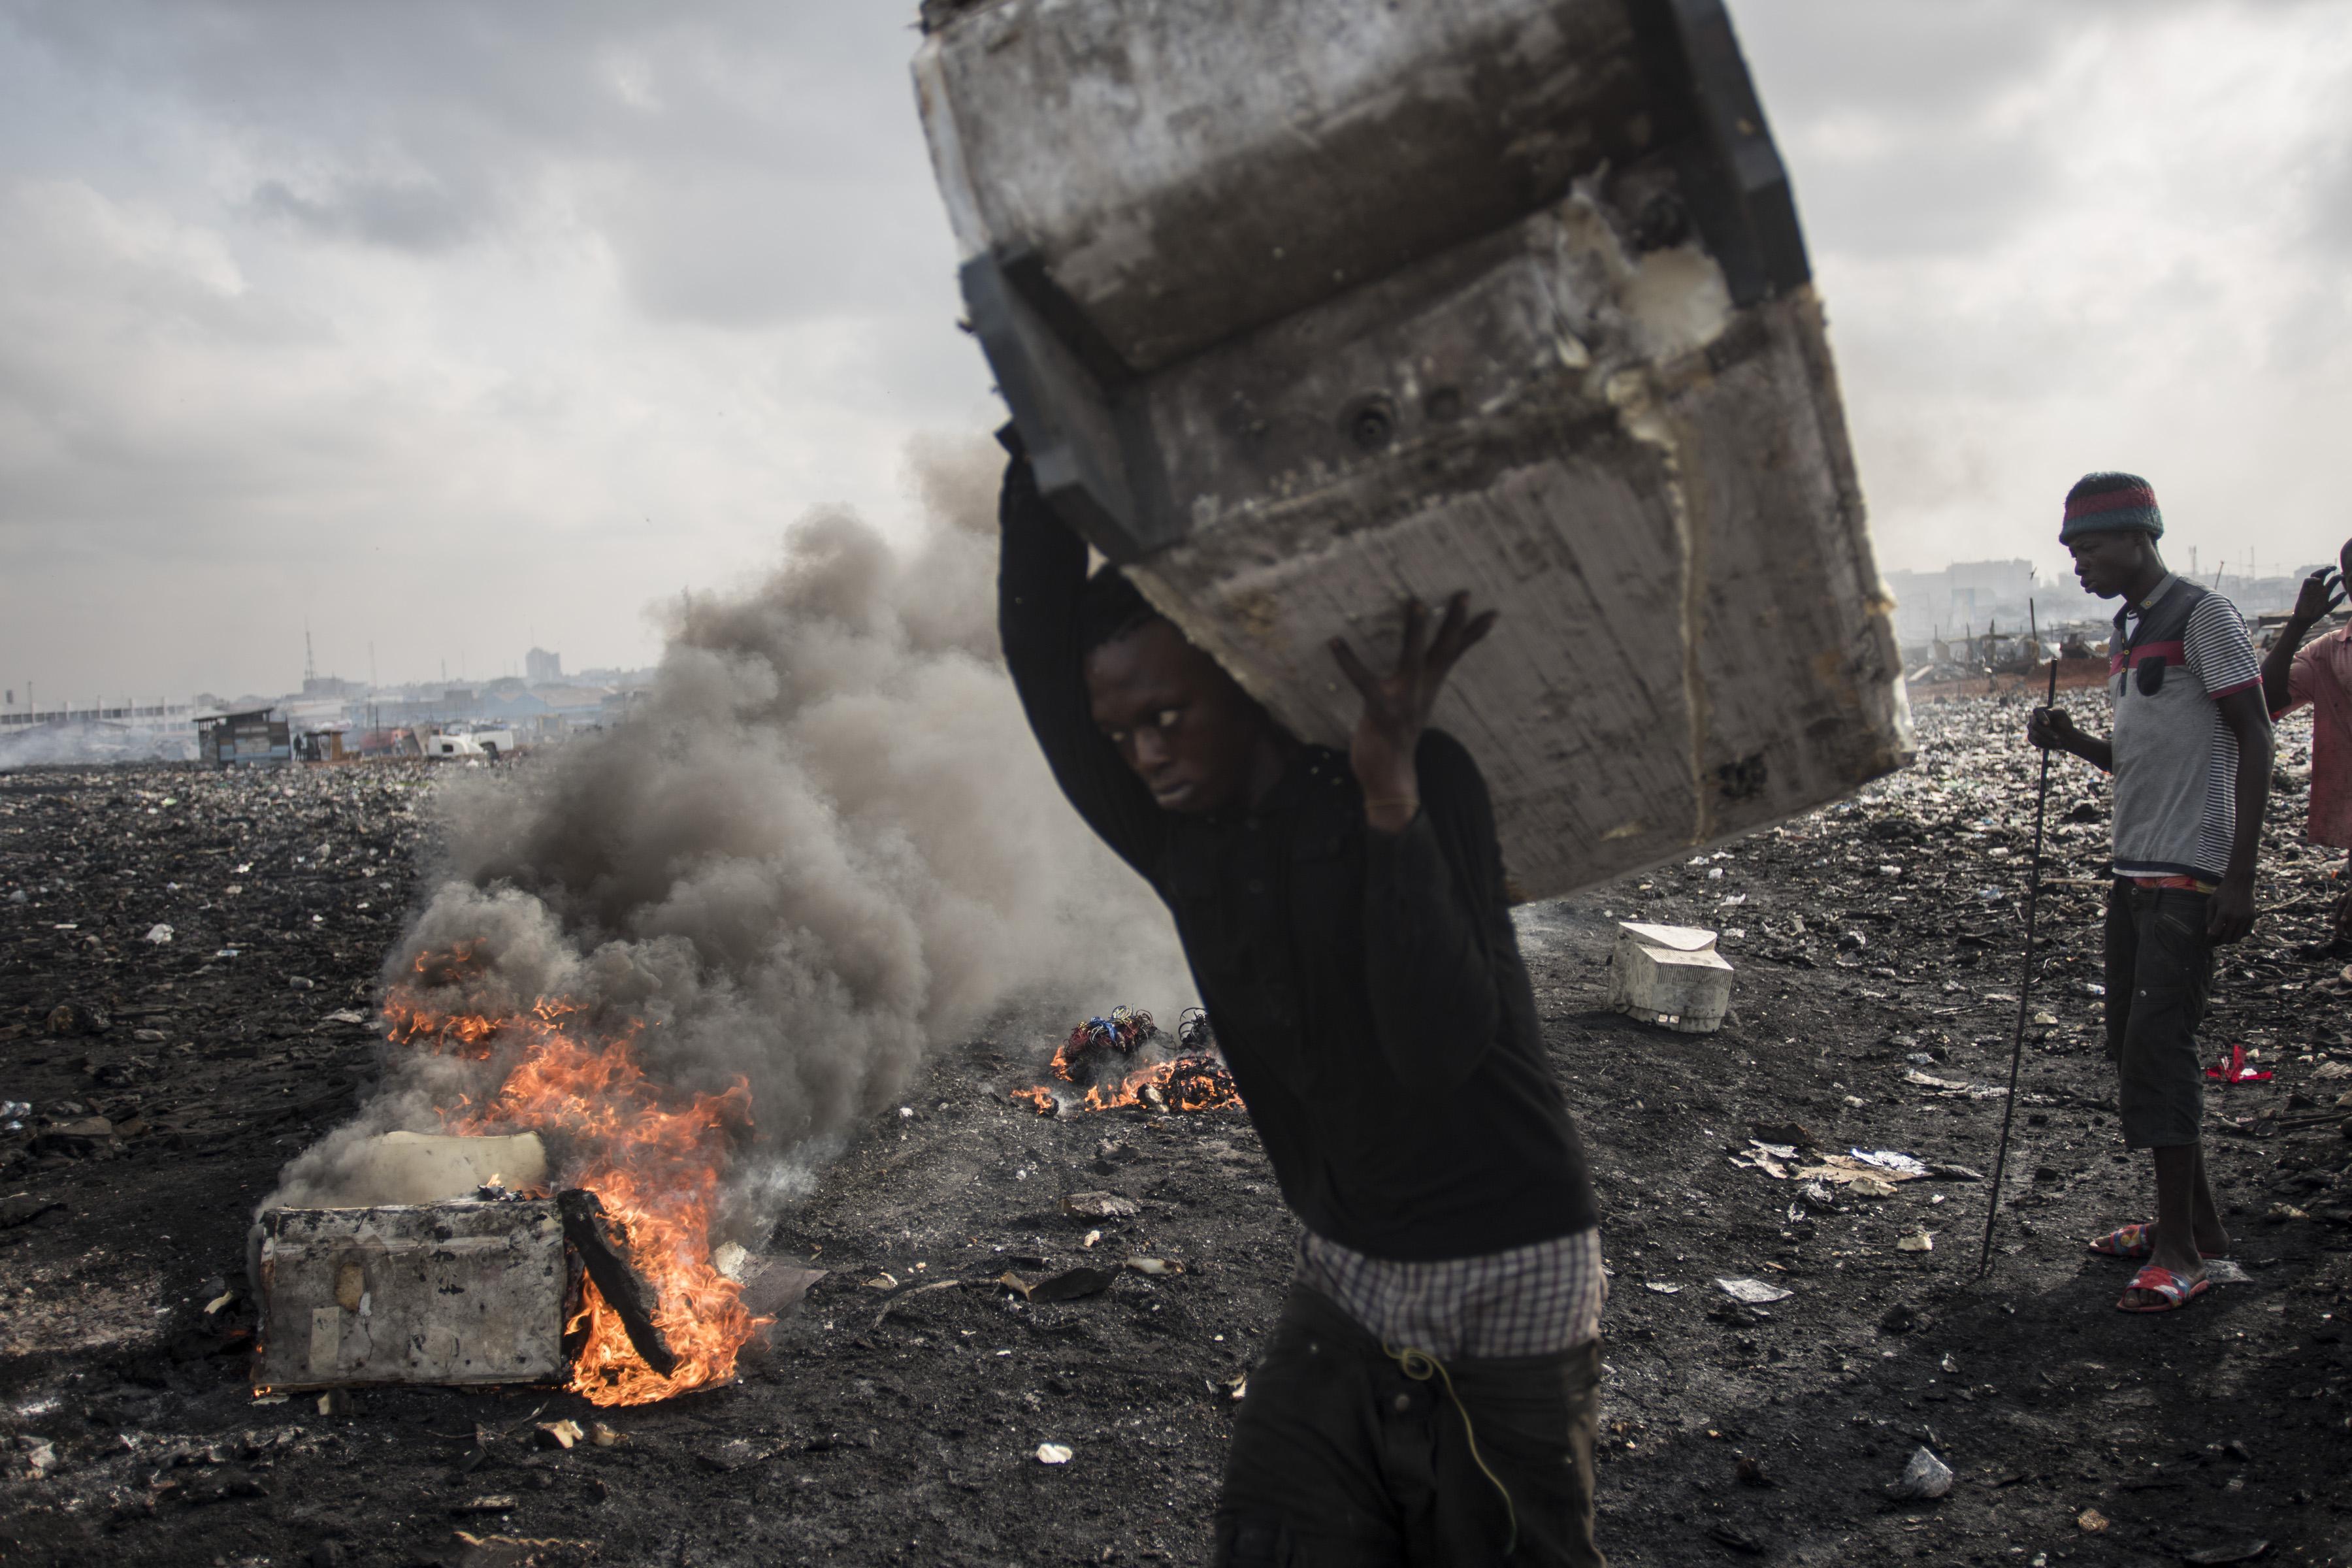 Európában kidobott elektronikus hulladék mérgezi az élelmiszert Ghánában